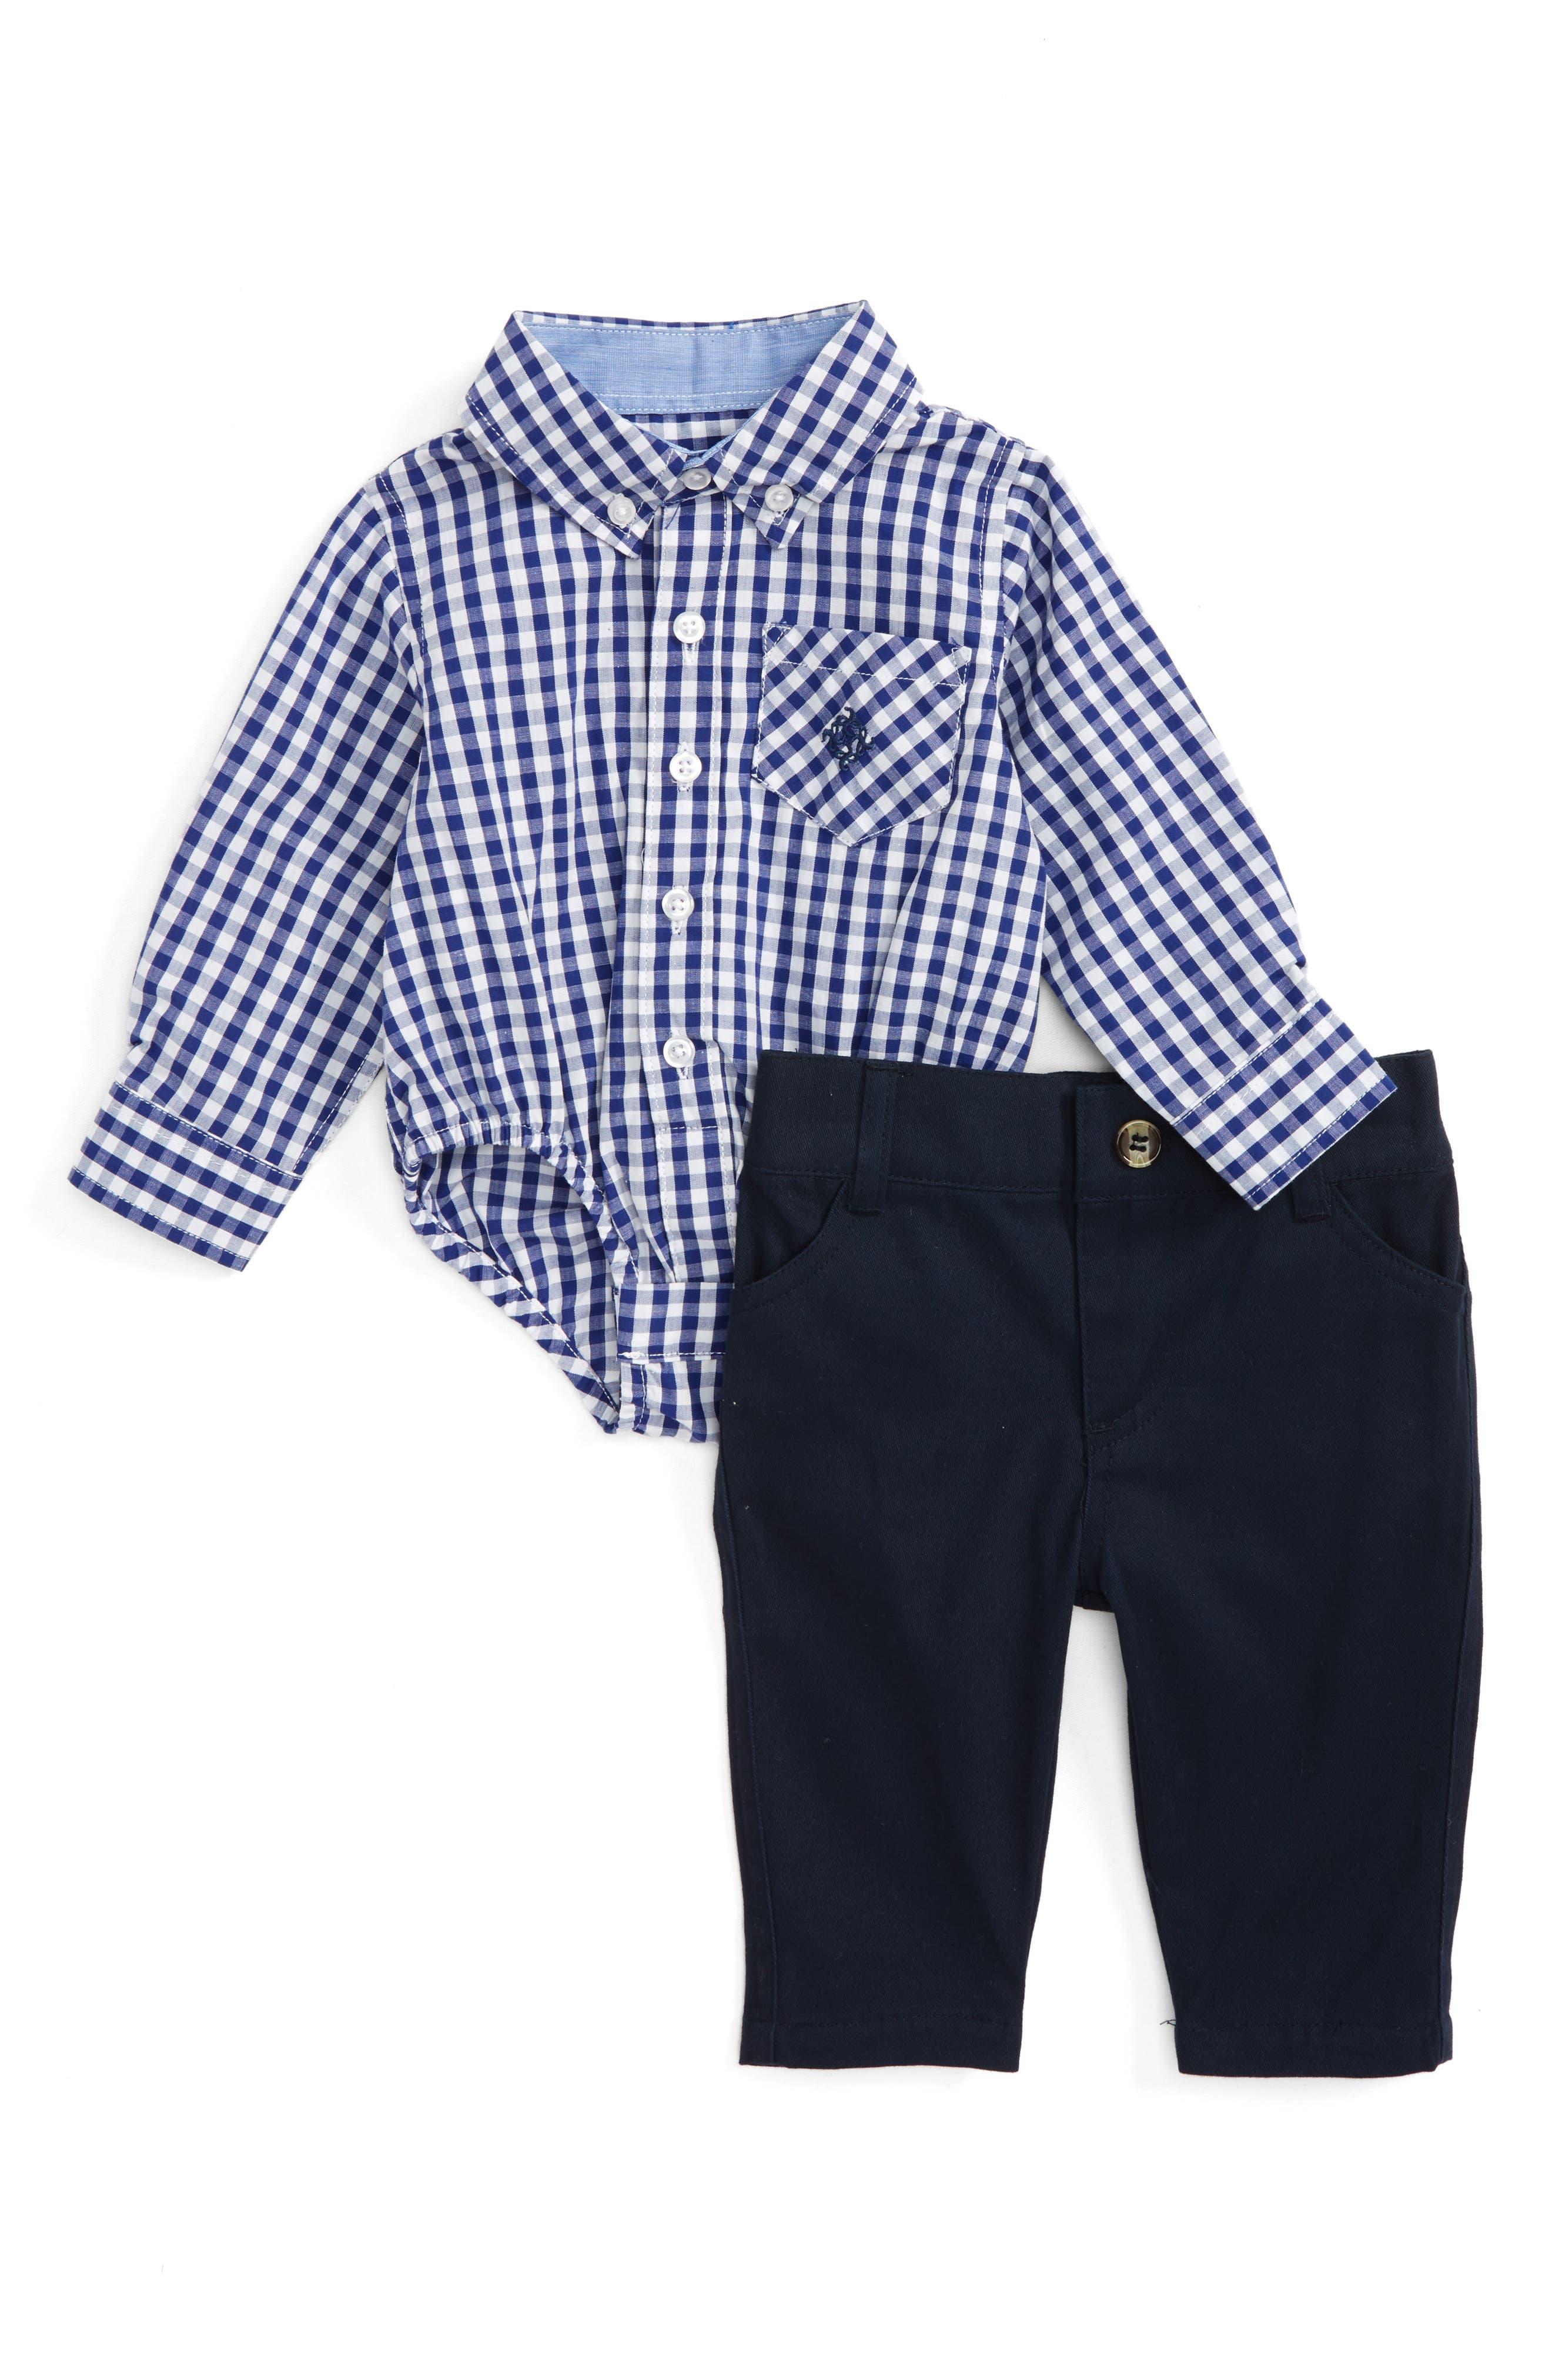 Shirtzie Gingham Bodysuit & Pants Set,                             Main thumbnail 1, color,                             410